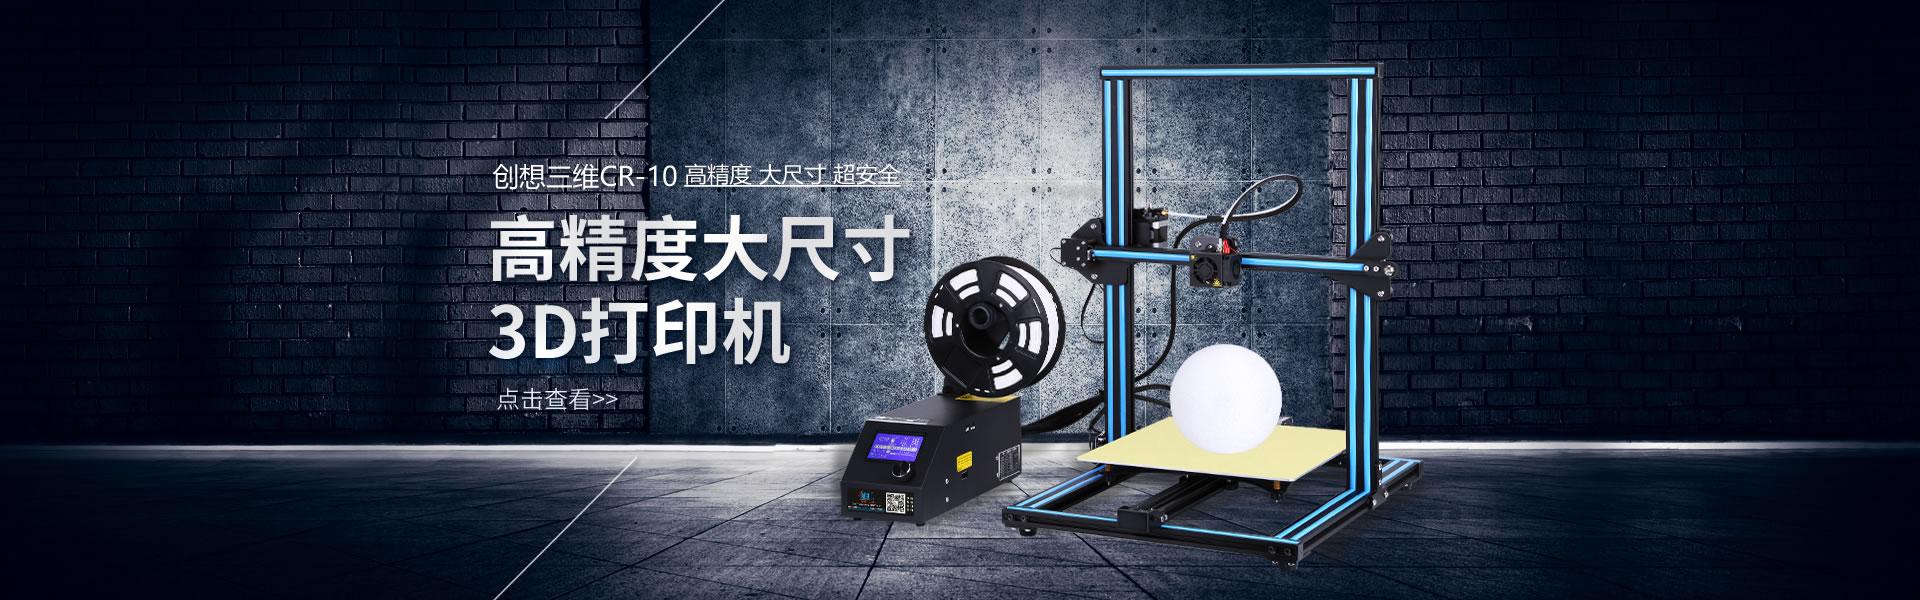 CR-10 3D打印机